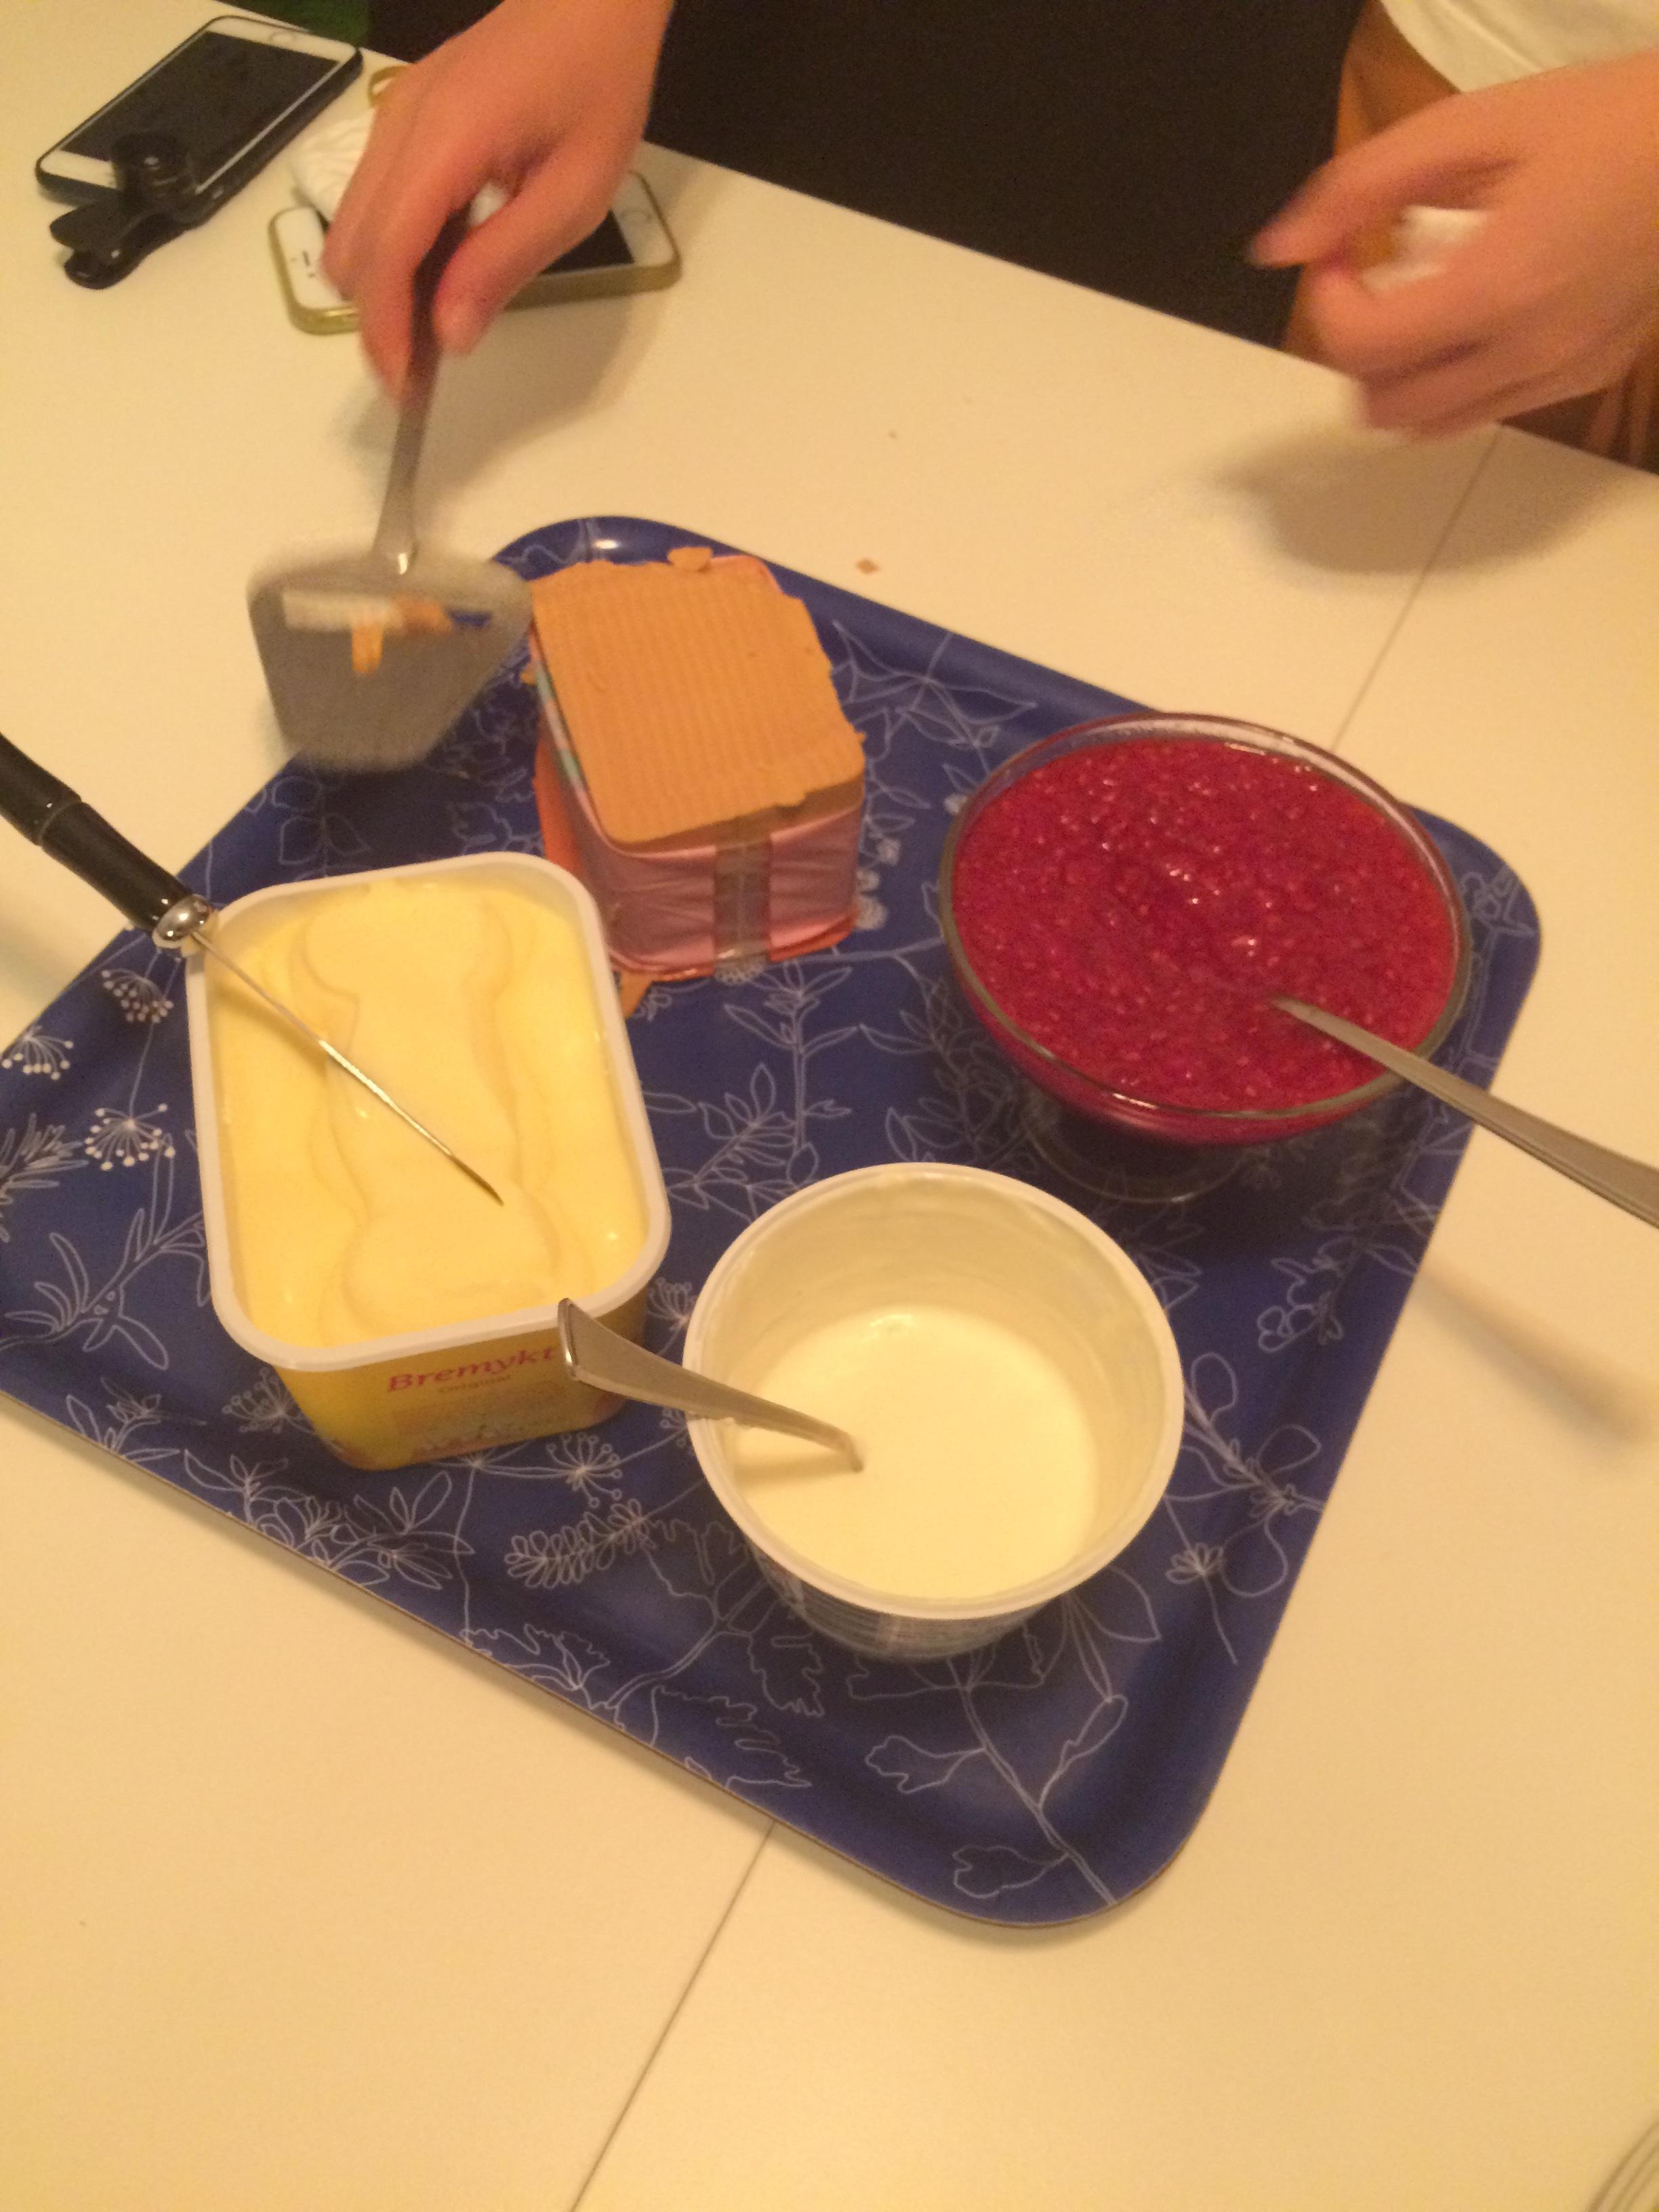 飯後甜點配上四種不同的傳統醬料